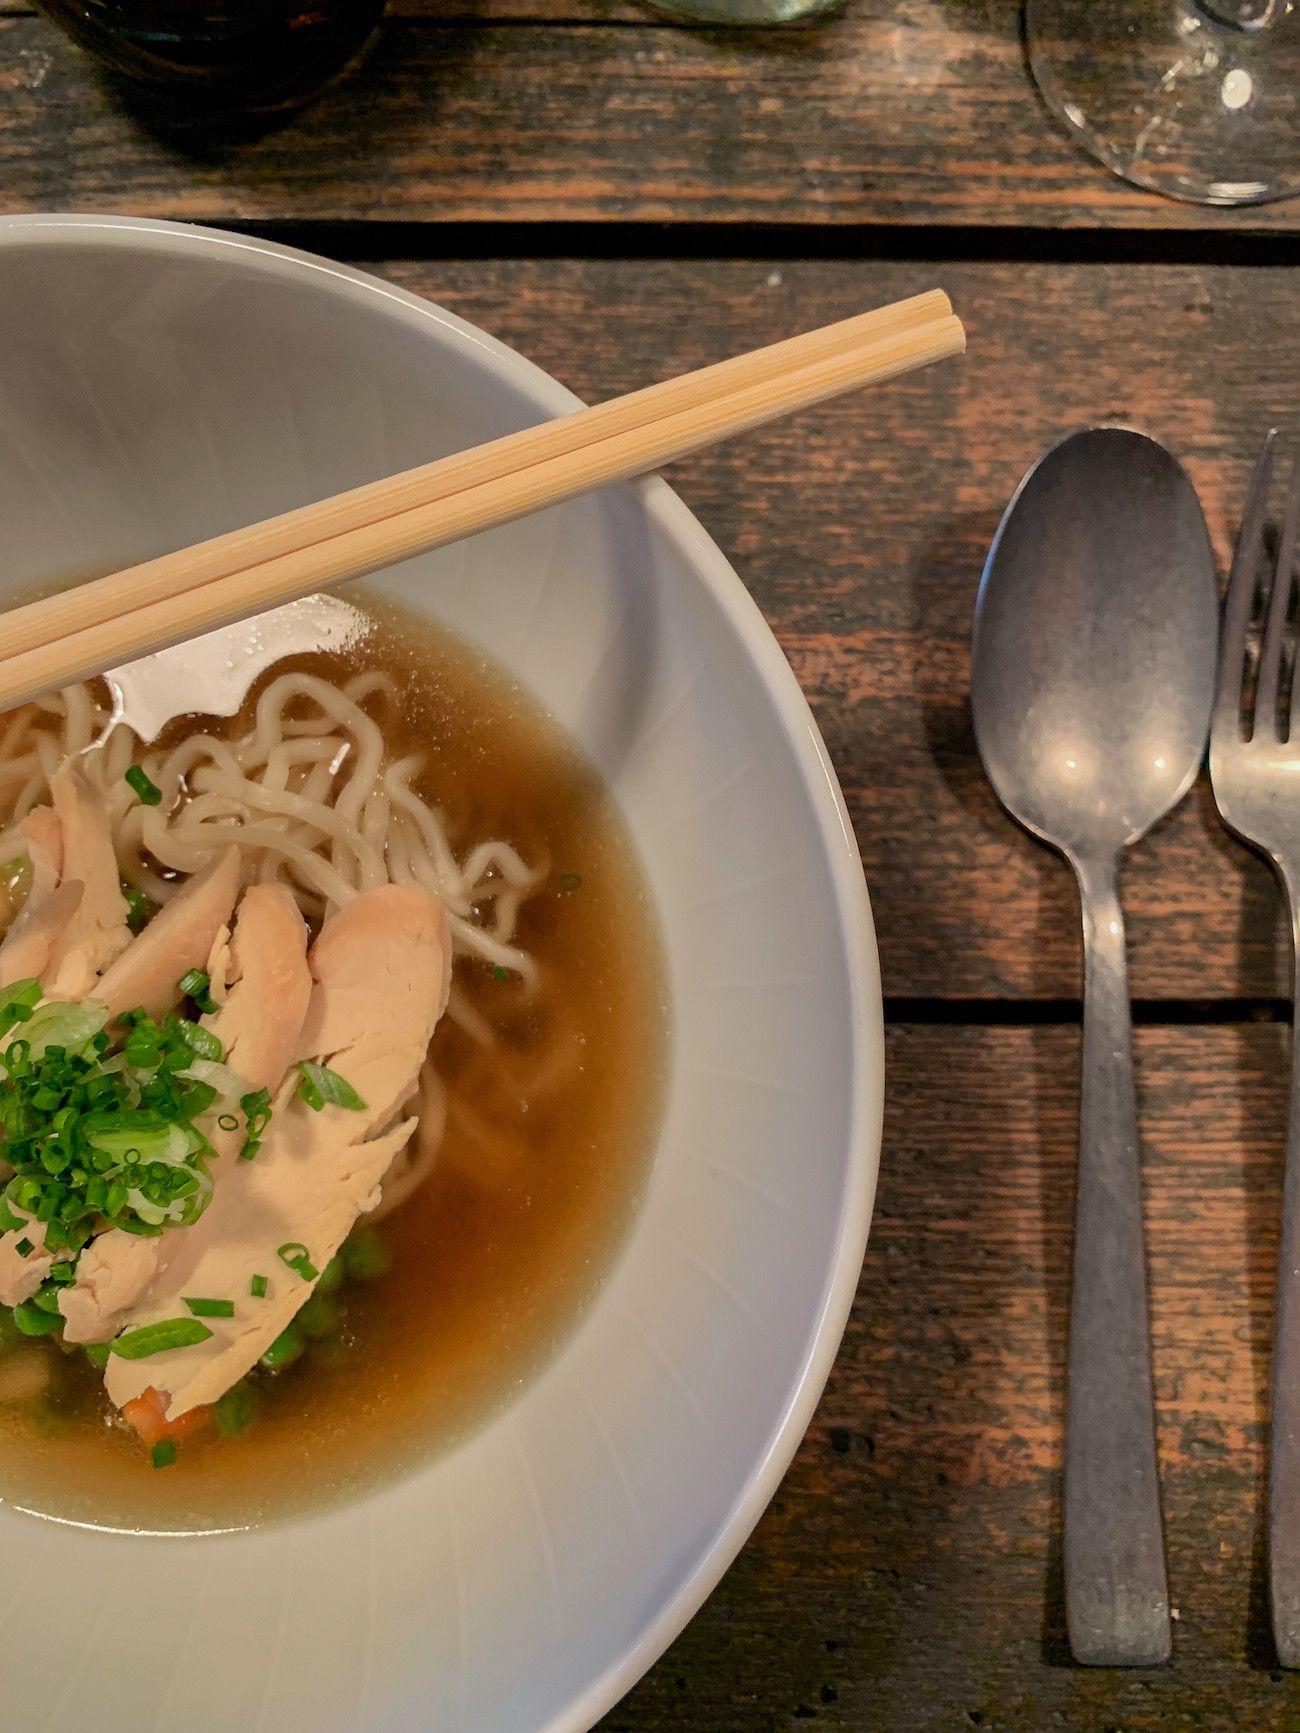 Foodblog, About Fuel, Leckerbissen, Tisk, Restaurtant, Hühnertopf, Ramen, Schnittlauch